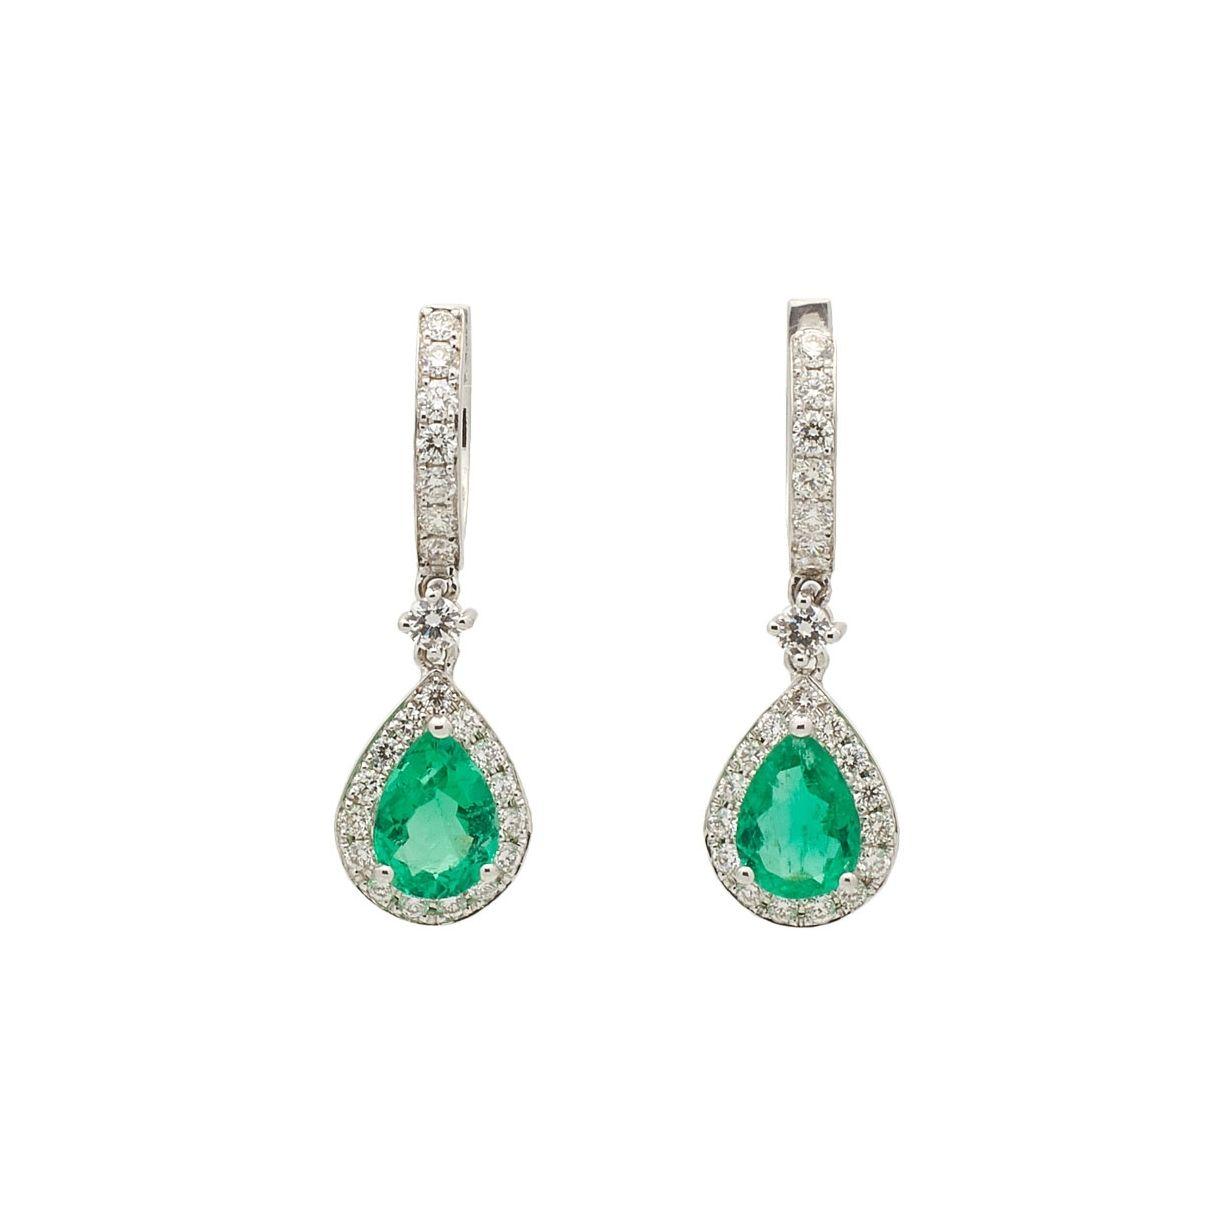 Pendientes de oro blanco con esmeraldas y diamantes  - 1